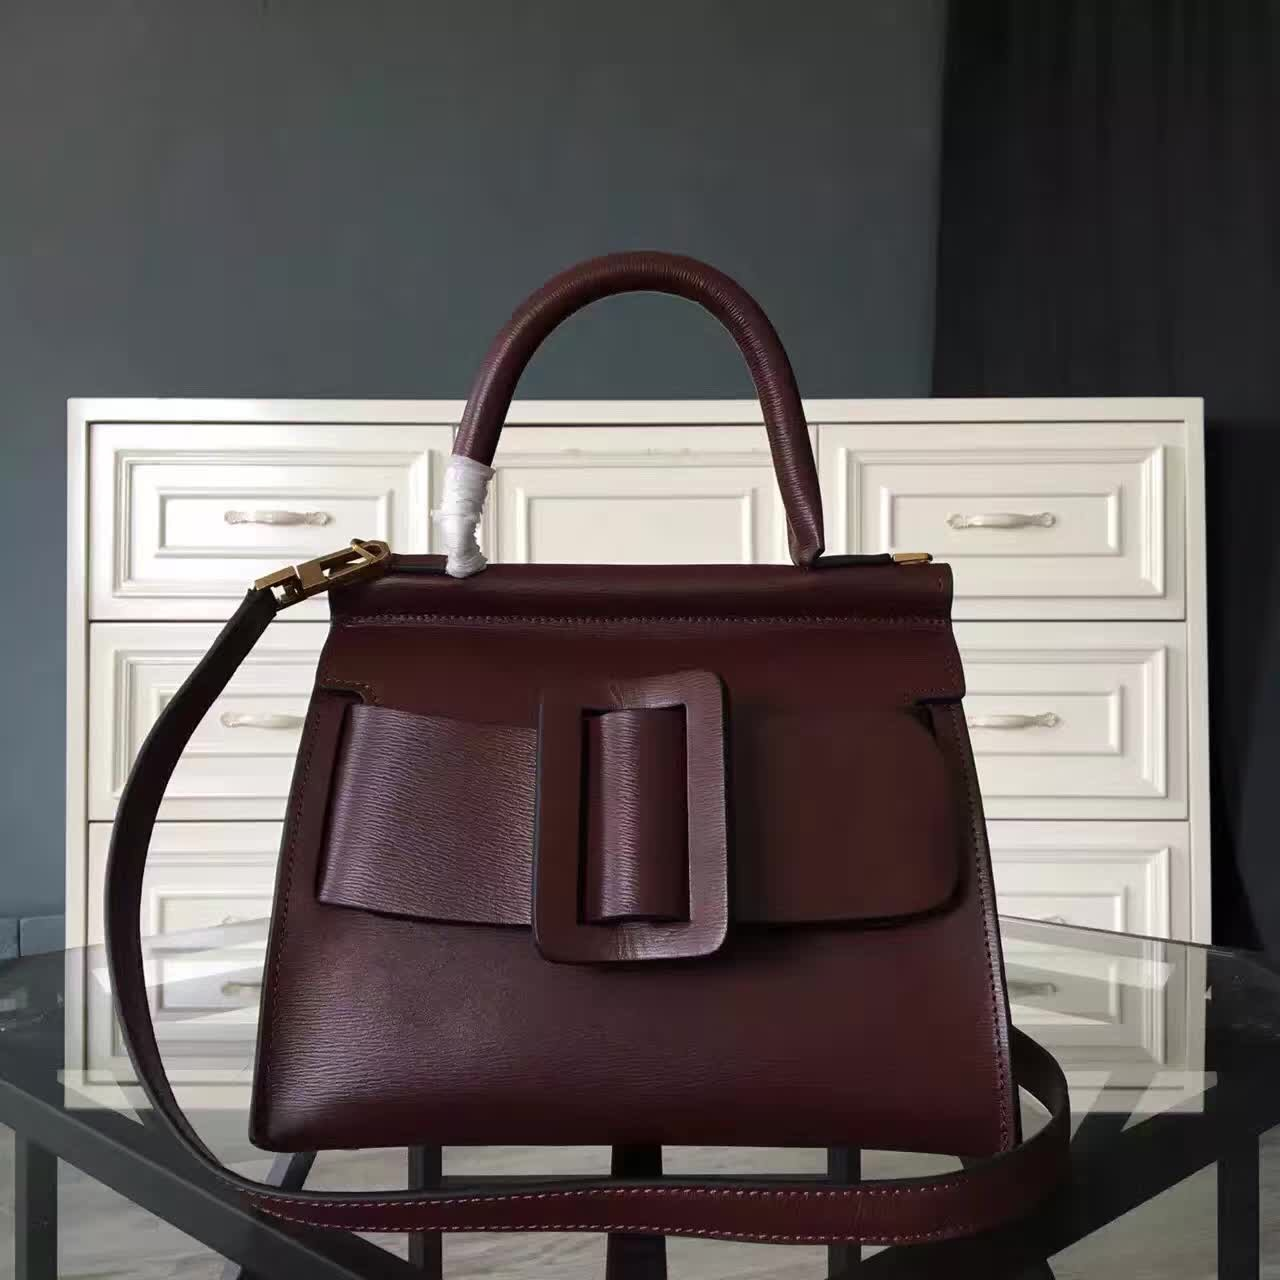 กระเป๋าหนังแท้ boyy karl wine red size29 (หนังวัวโมโนแกรม)